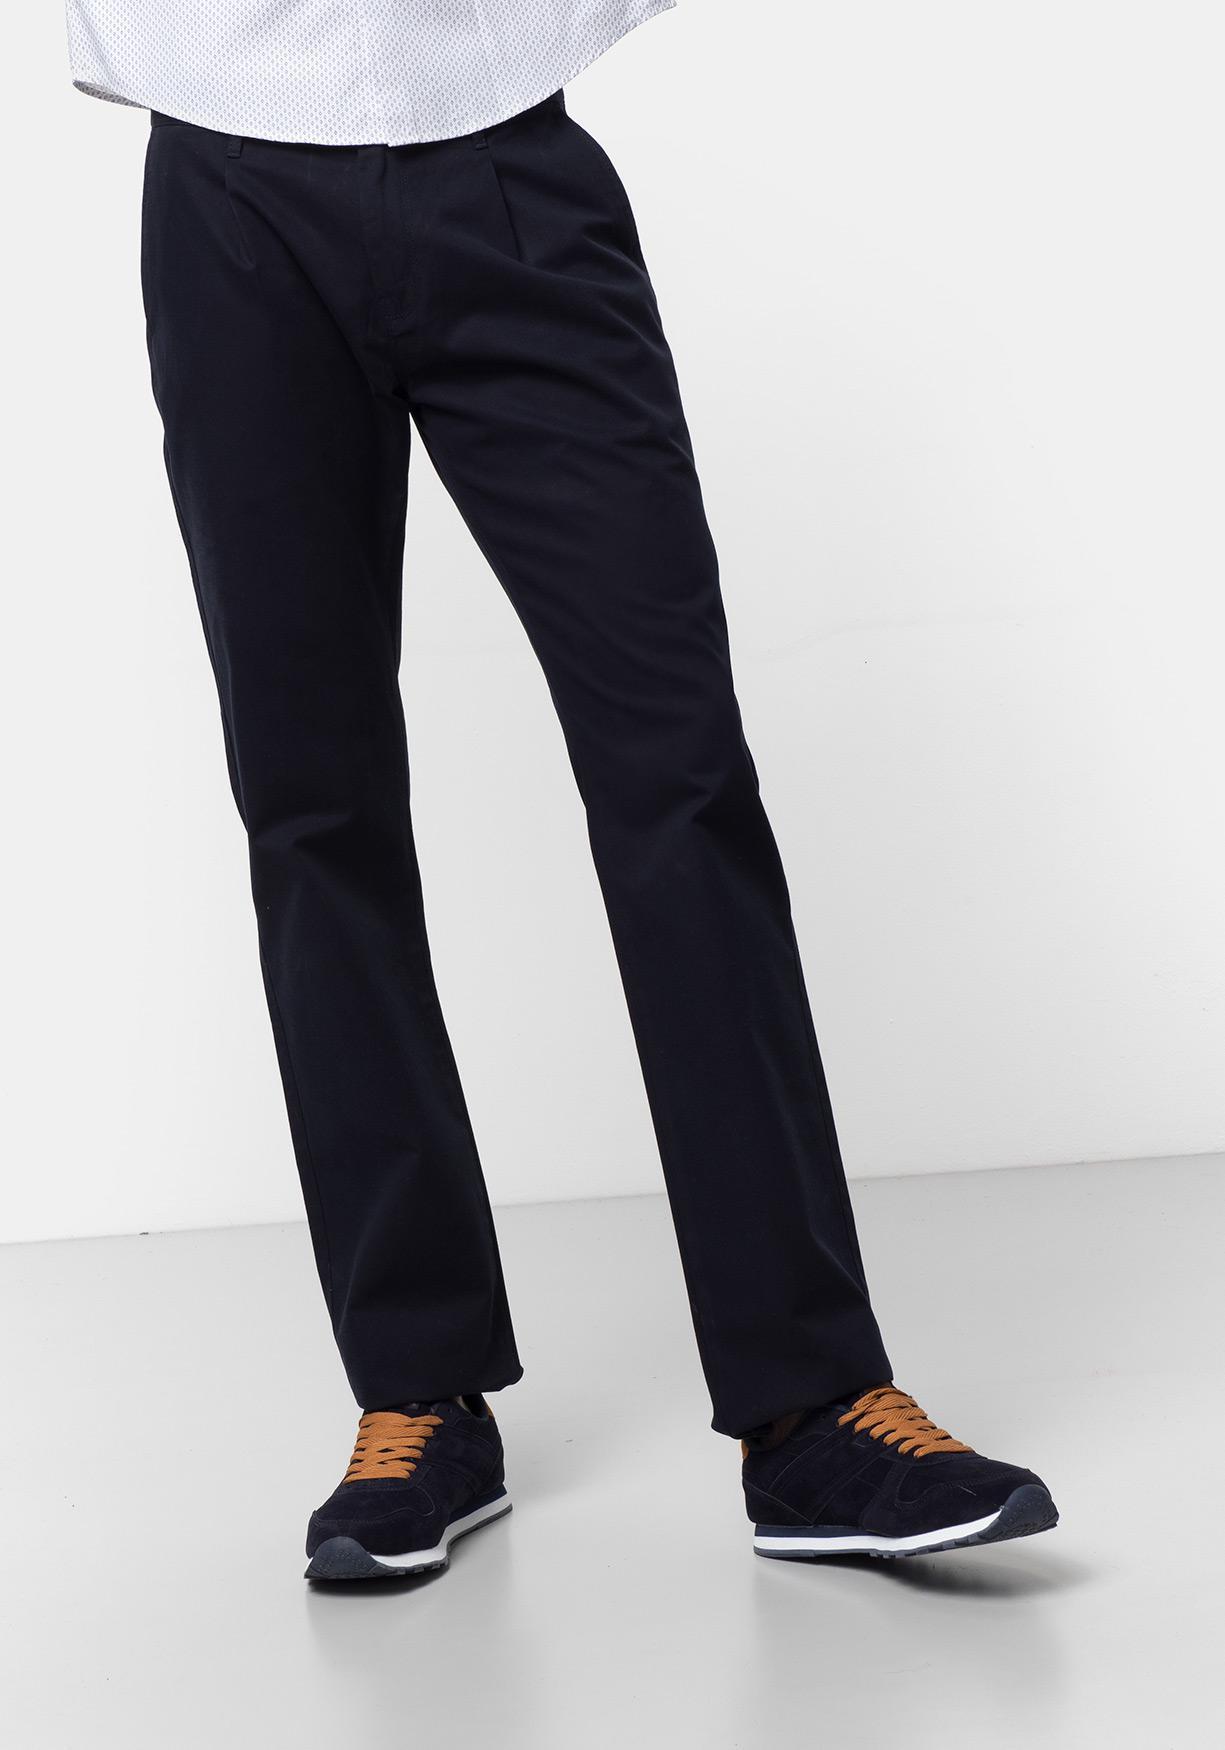 7f7c99e03c5 Comprar Pantalón chino con pinza TEX. ¡Aprovéchate de nuestros ...